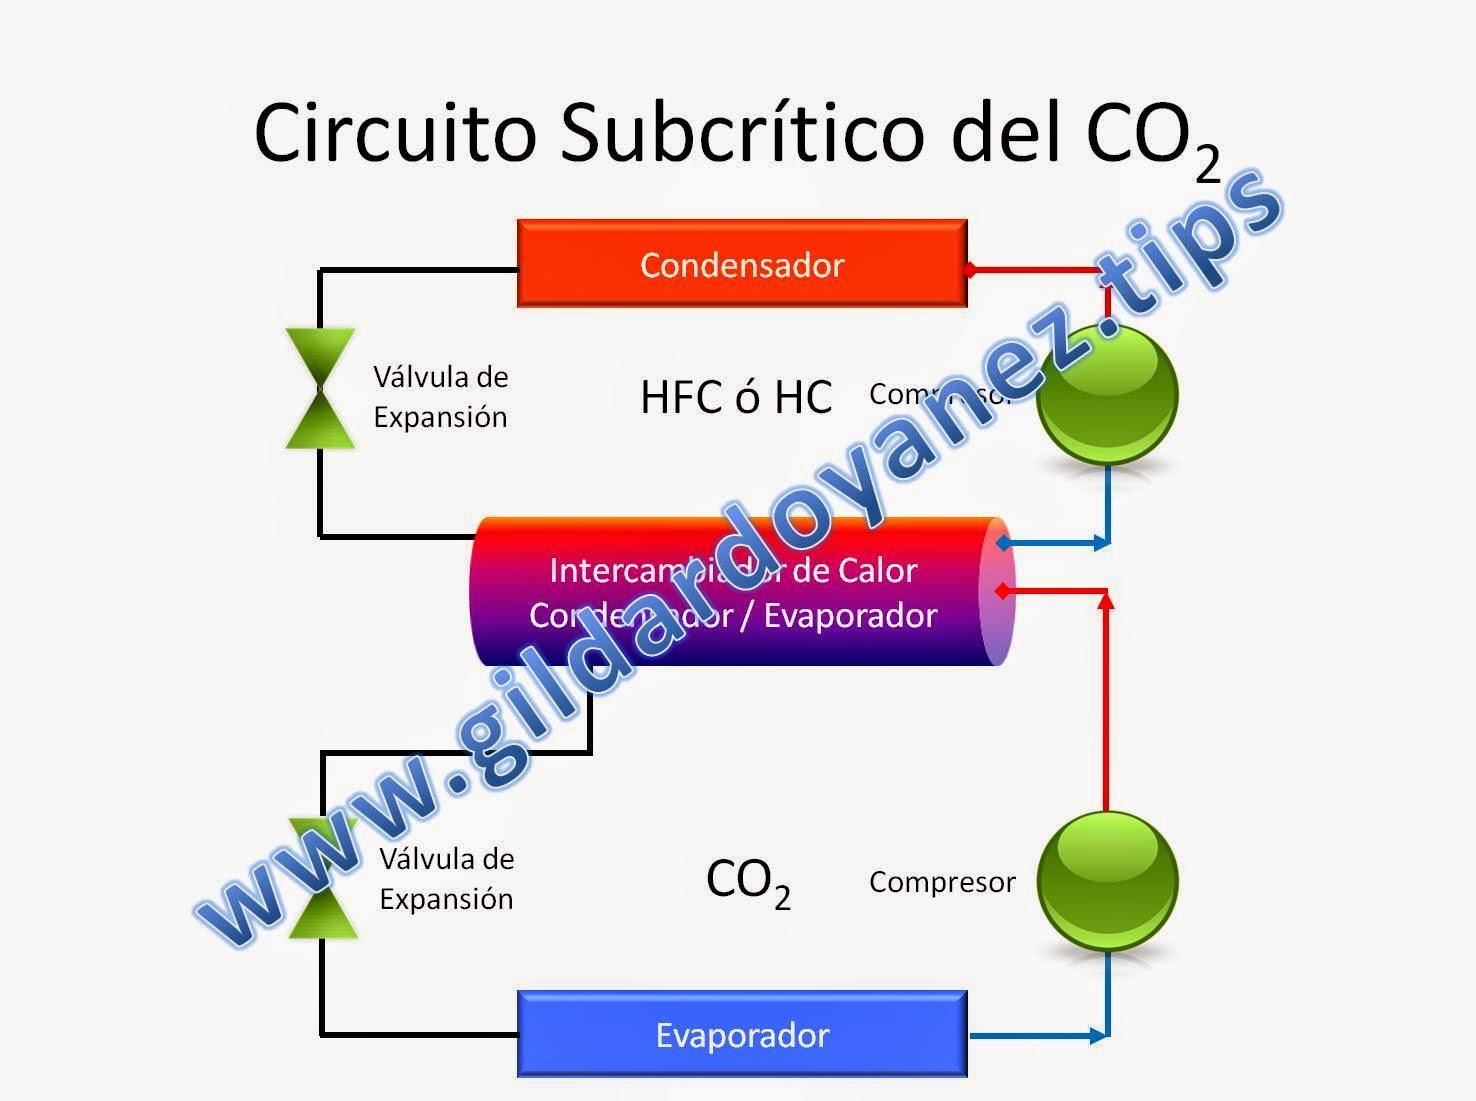 Circuito Basico : Refrigerantes naturales: el circuito subcrítico básico del co2